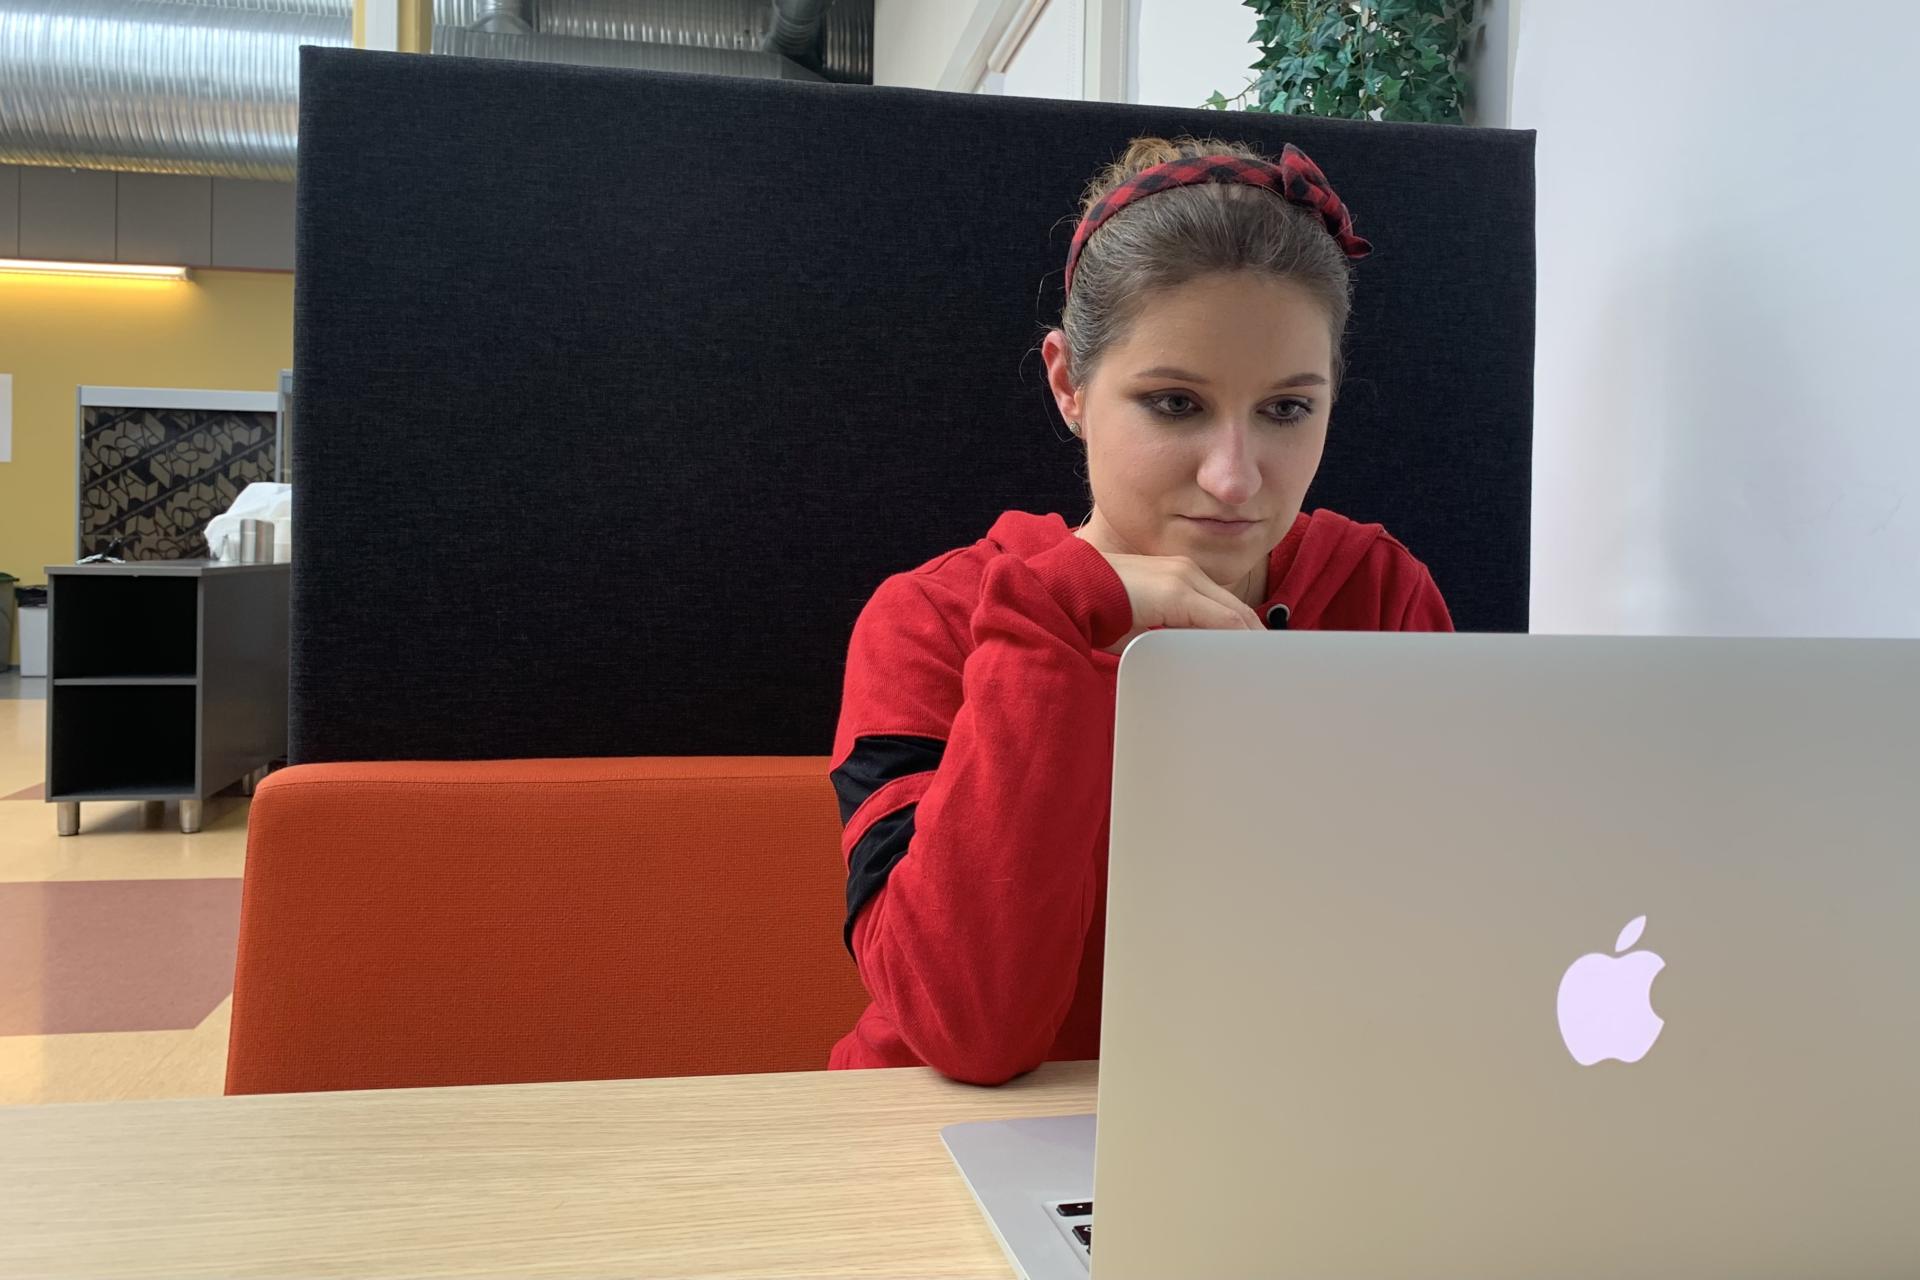 Anna Hämäläinen on toisen vuoden mainonnan suunnittelun opiskelija. Kuva: Saga Tanner